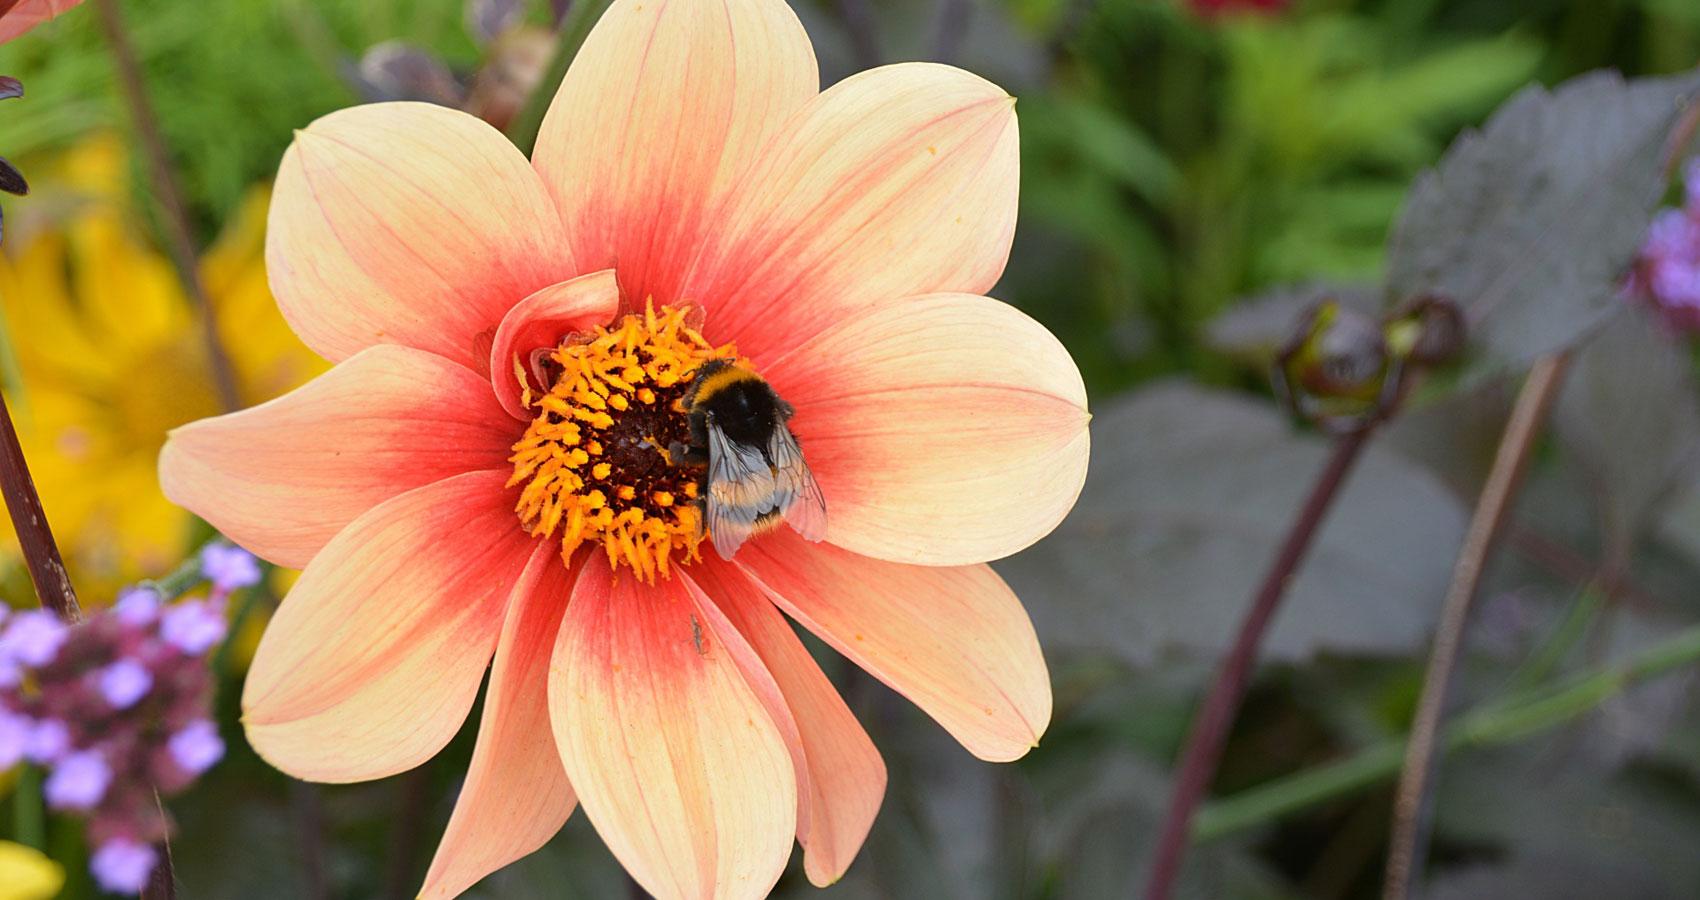 The Gaze of A Flower, a poem written by Guna Moran at Spillwords.com